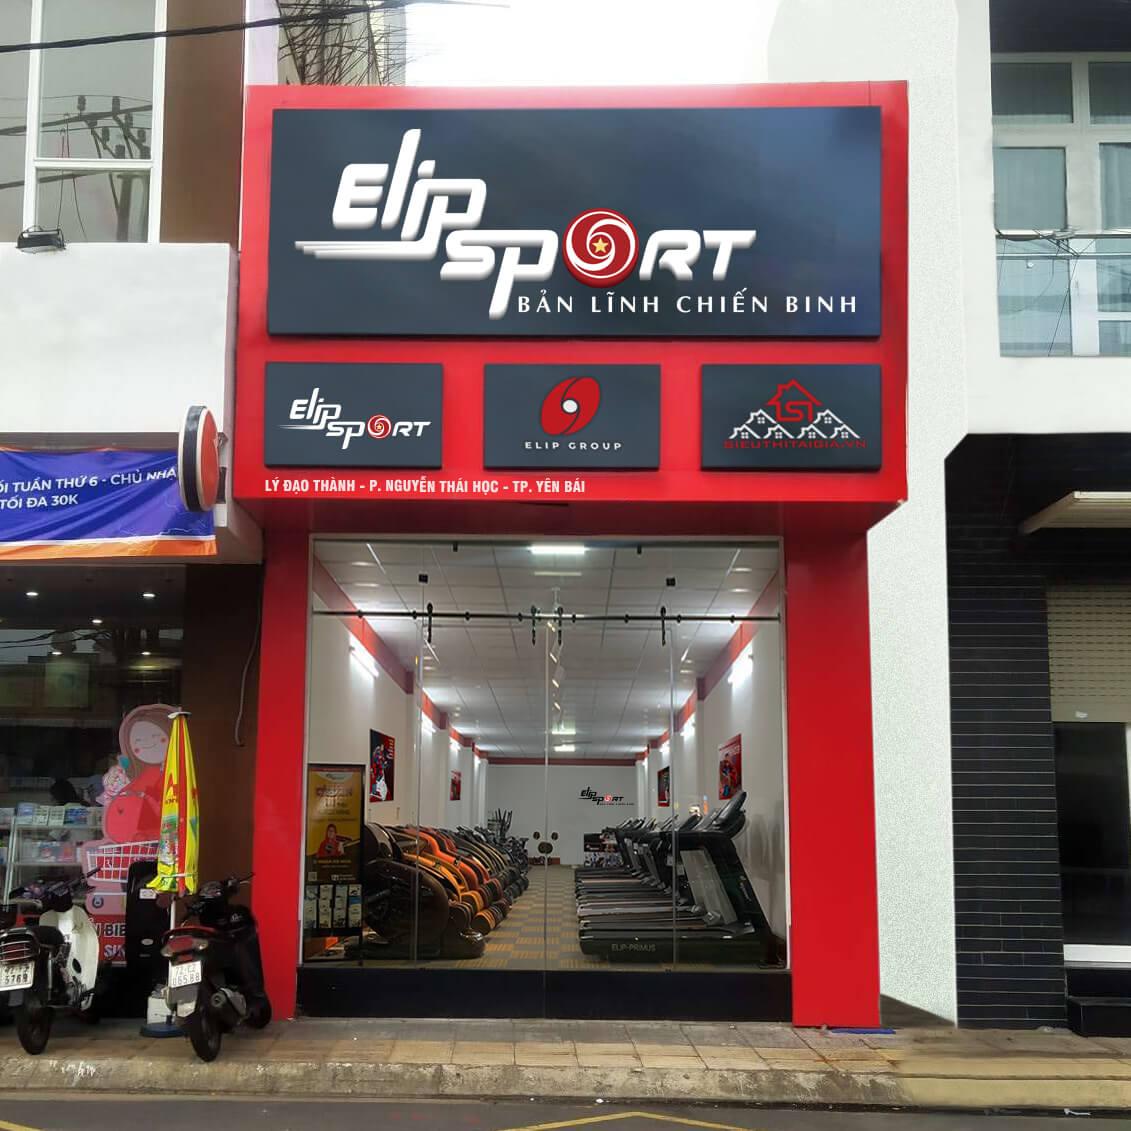 Hình ảnh của chi nhánh Elipsport Yên Bái